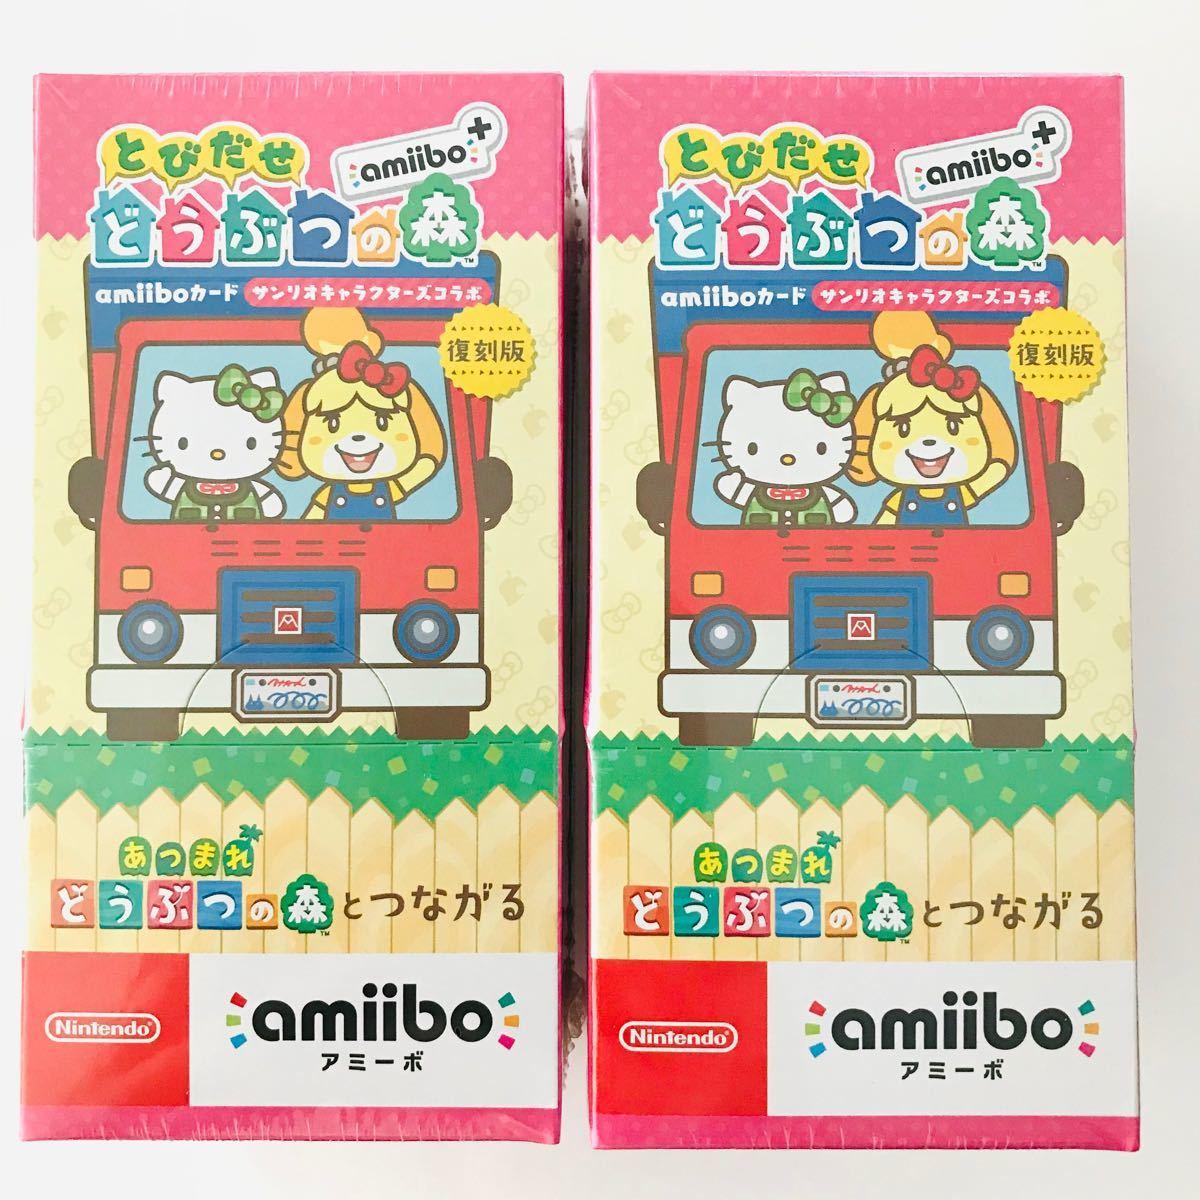 amiiboカード 2箱 どうぶつの森 サンリオコラボ アミーボカード あつ森 サンリオ コラボ カード 2box 未開封